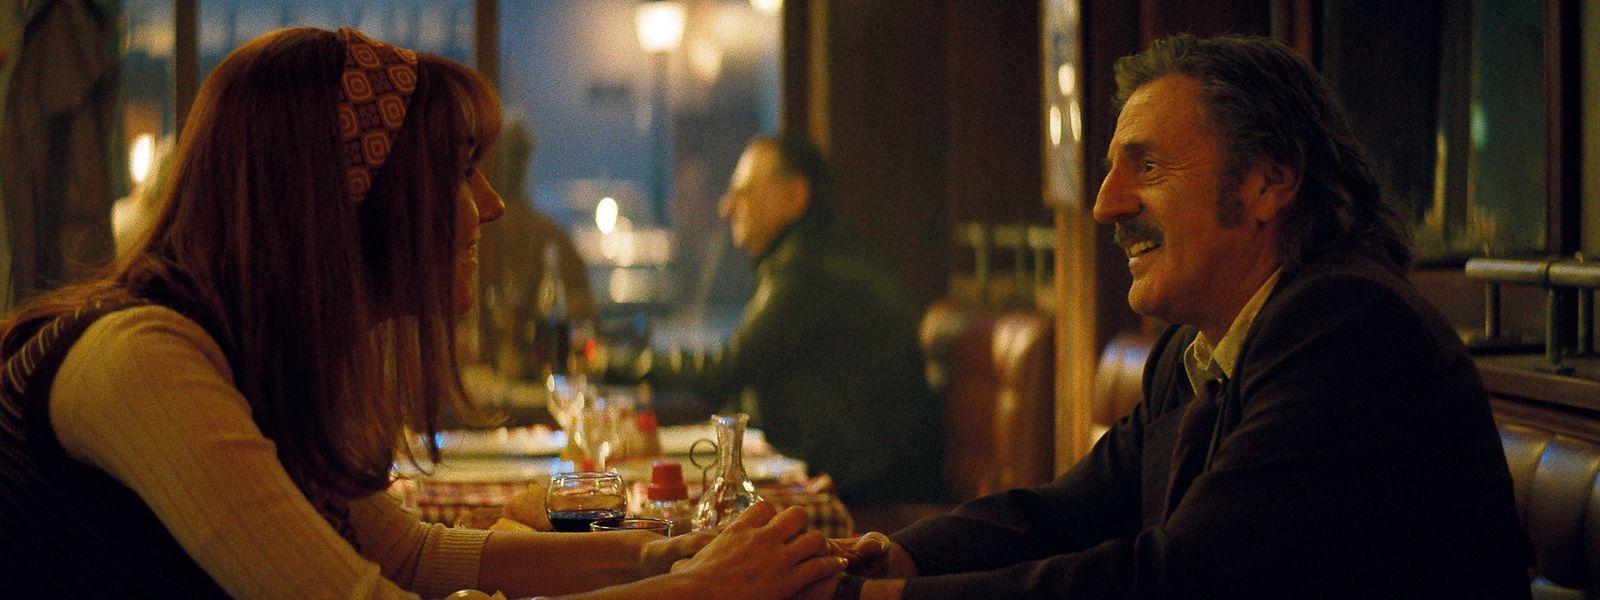 Revivre l'instant magique: grâce à un bon offert par son fils, le dessinateur Victor (Daniel Auteuil) peut revenir en cette soirée de mai 1974 où il a rencontré sa femme Marianne, incarnée par l'actrice Margot (Doria Tillier), dans «La Belle Epoque».  A écouter les dialogues de Nicolas Bedos, on dirait que Michel Audiard est revenu d'entre les morts.